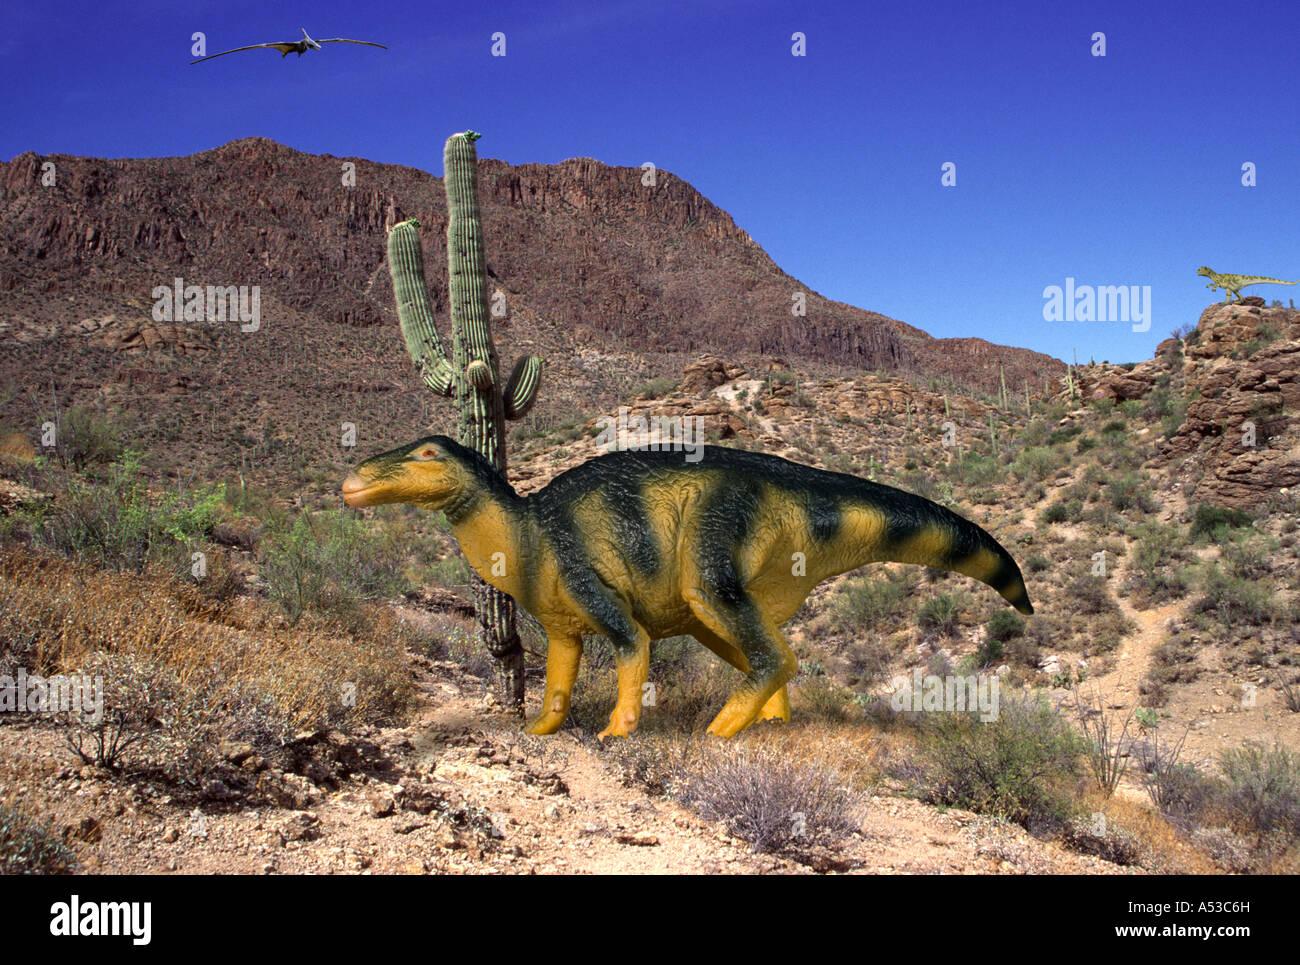 Iguanodon - Stock Image